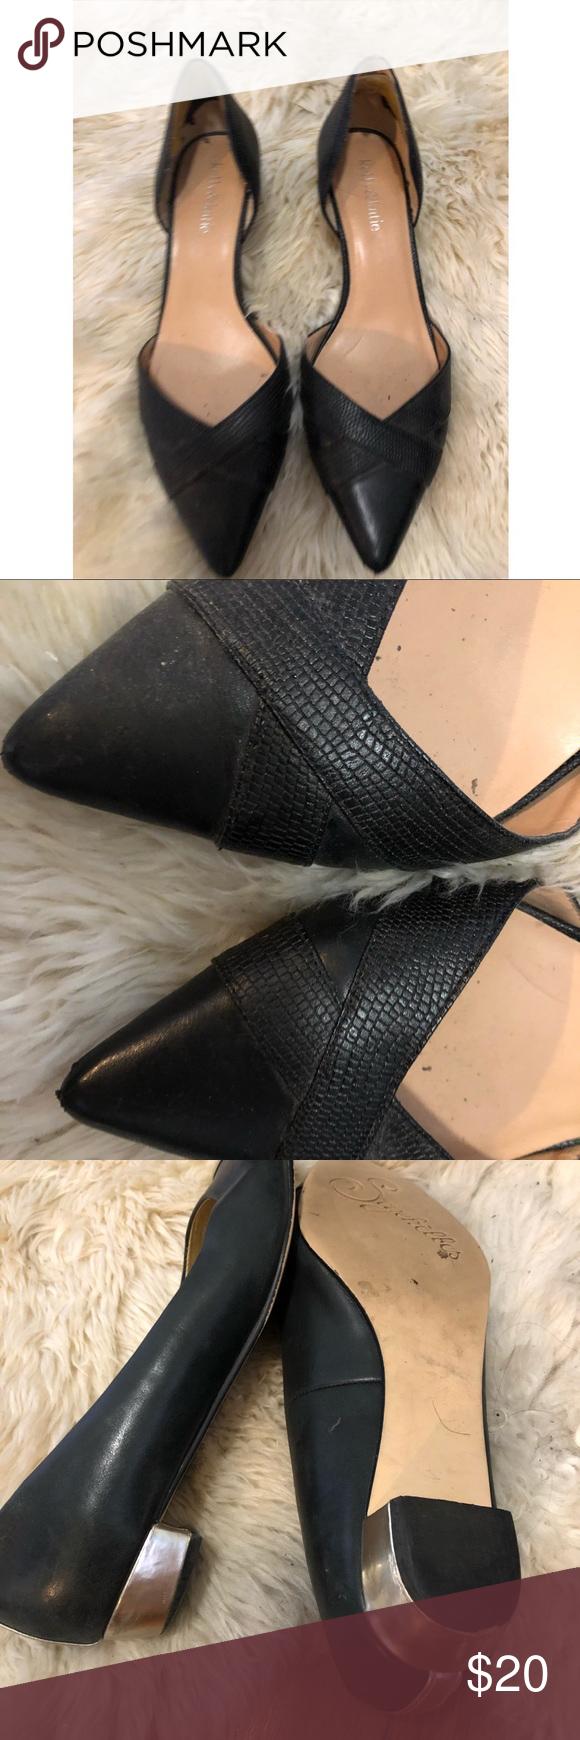 Kelly Katie Black Pointy Kitten Heel Flats 8 Worn Many Times Shoes Some Wear But Still Look Rather New Kelly Katie Shoes Heels Shoes Heels Kitten Heels Fashion